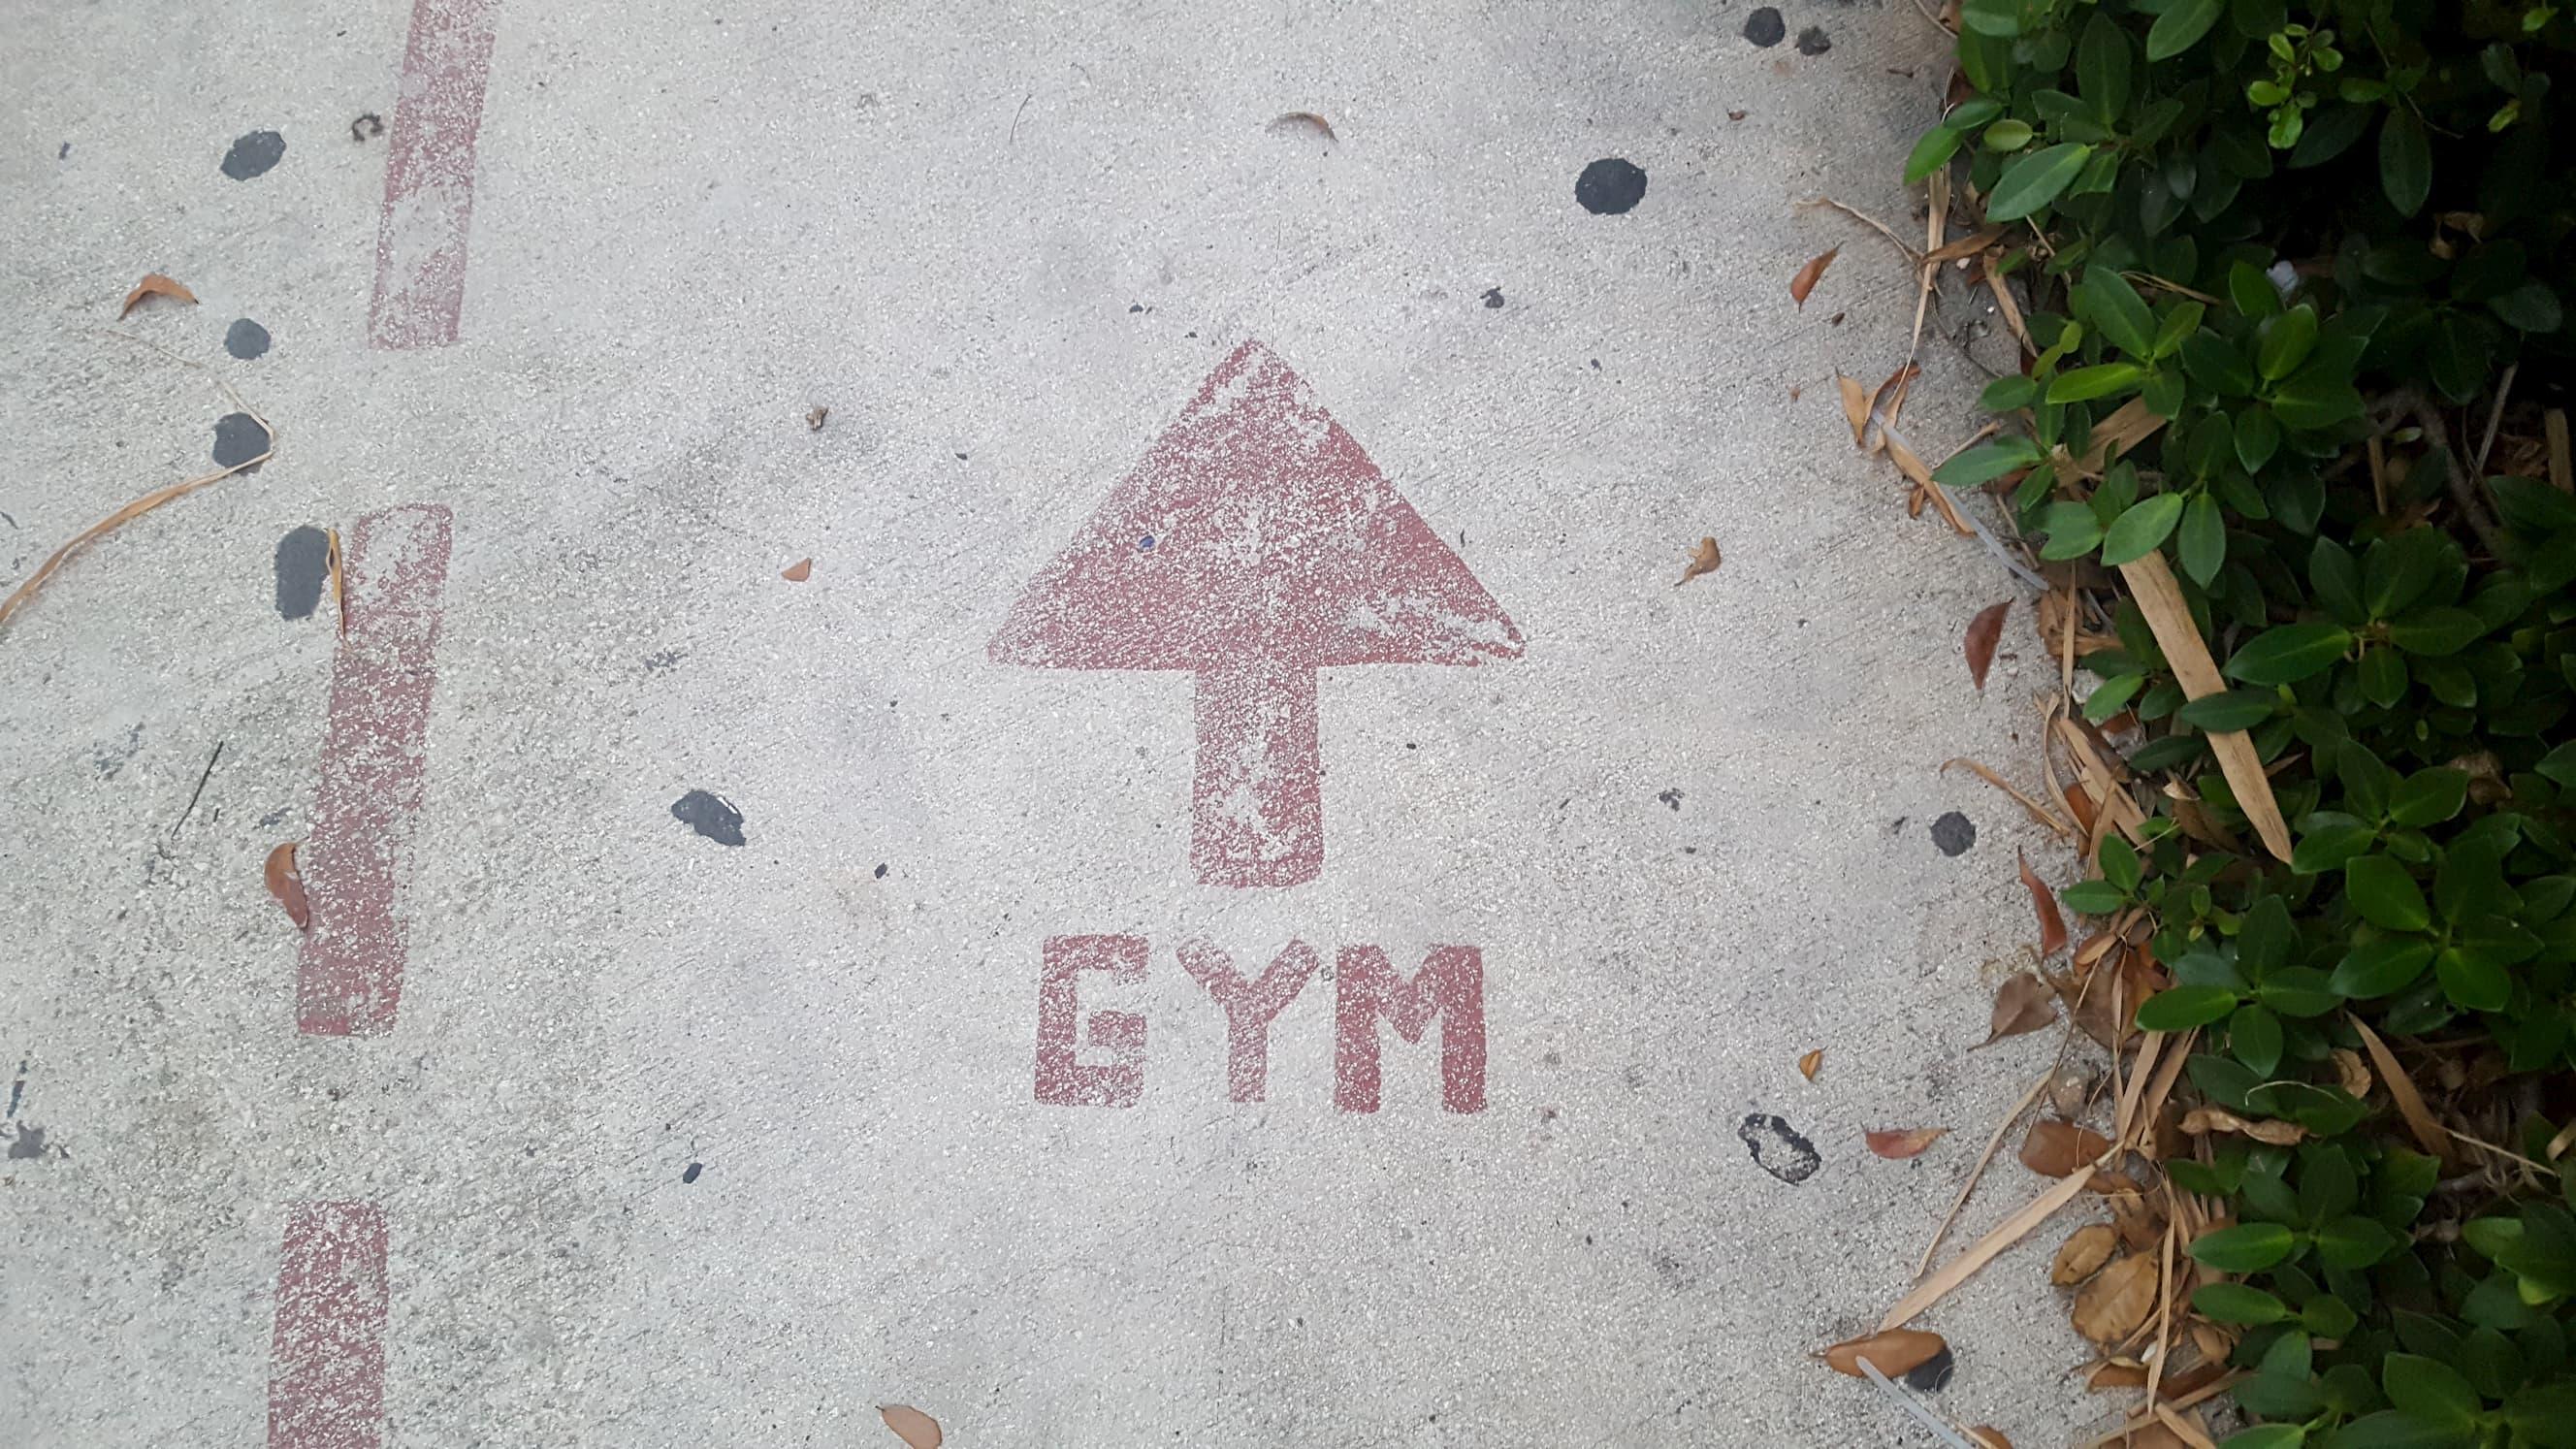 flèche indiquant la salle de sport